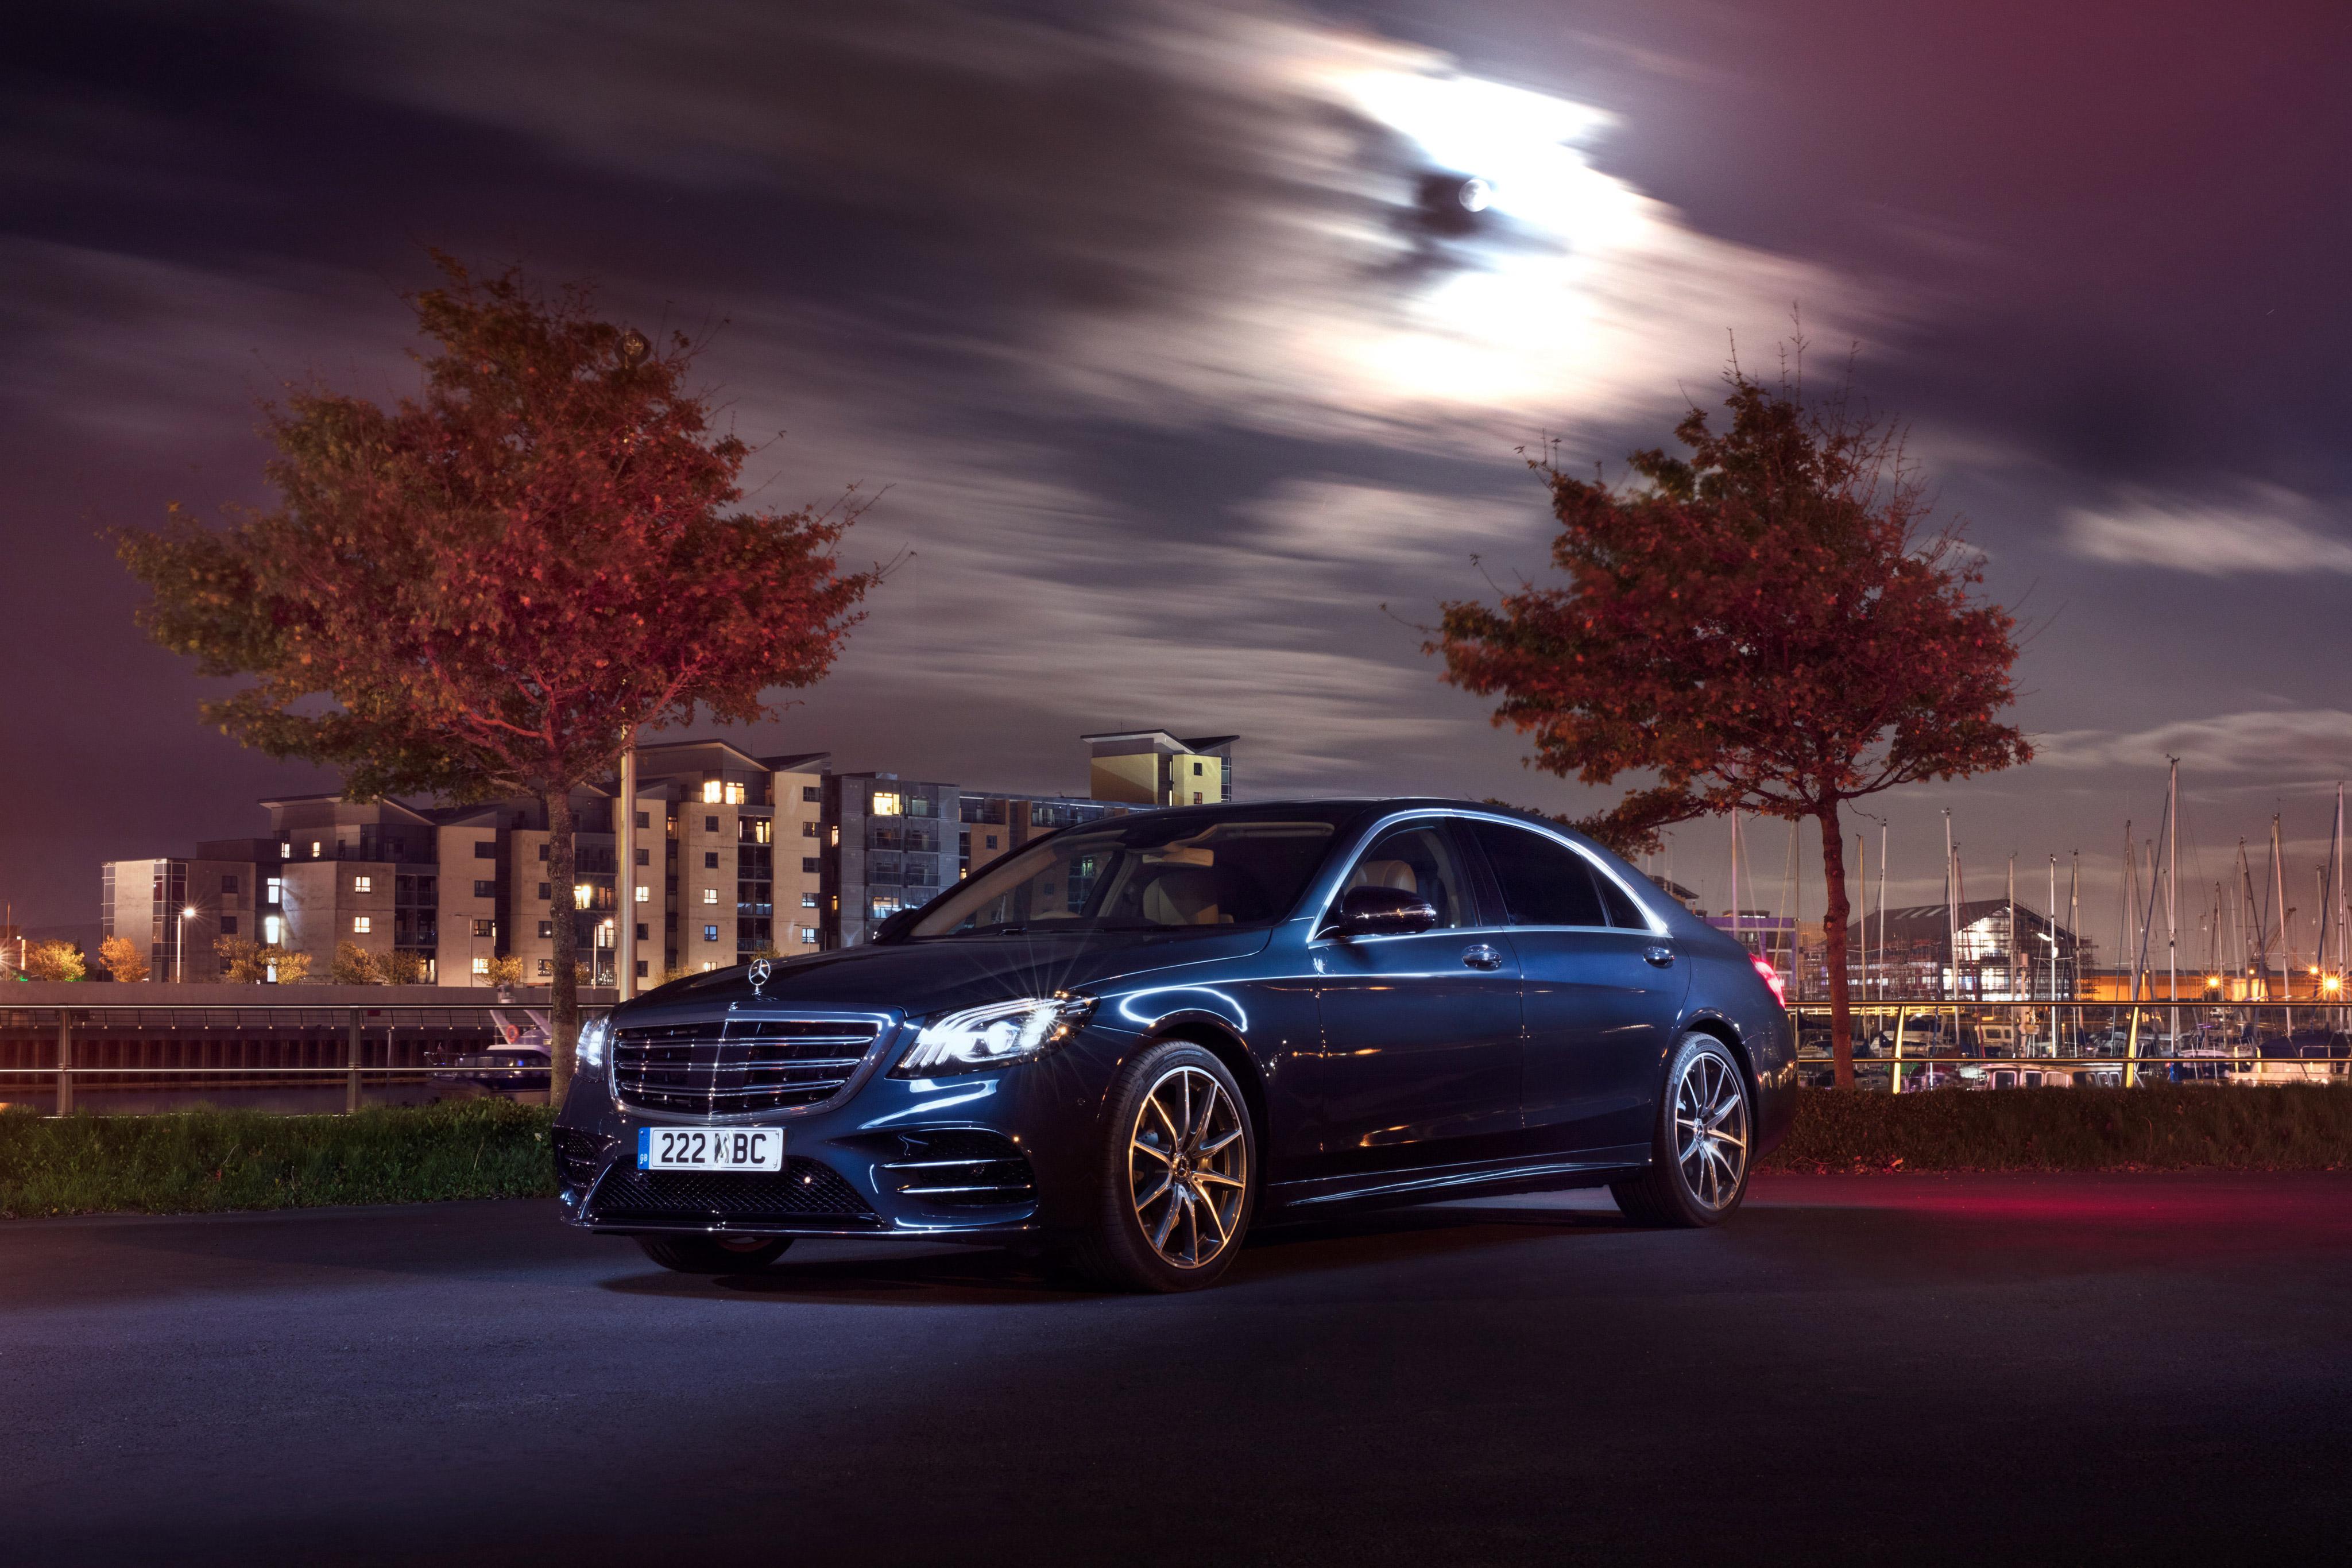 Pack De 55 Wallpapers De Carros Hd: Mercedes Benz S 350 D Lang AMG Line 2017, HD Cars, 4k